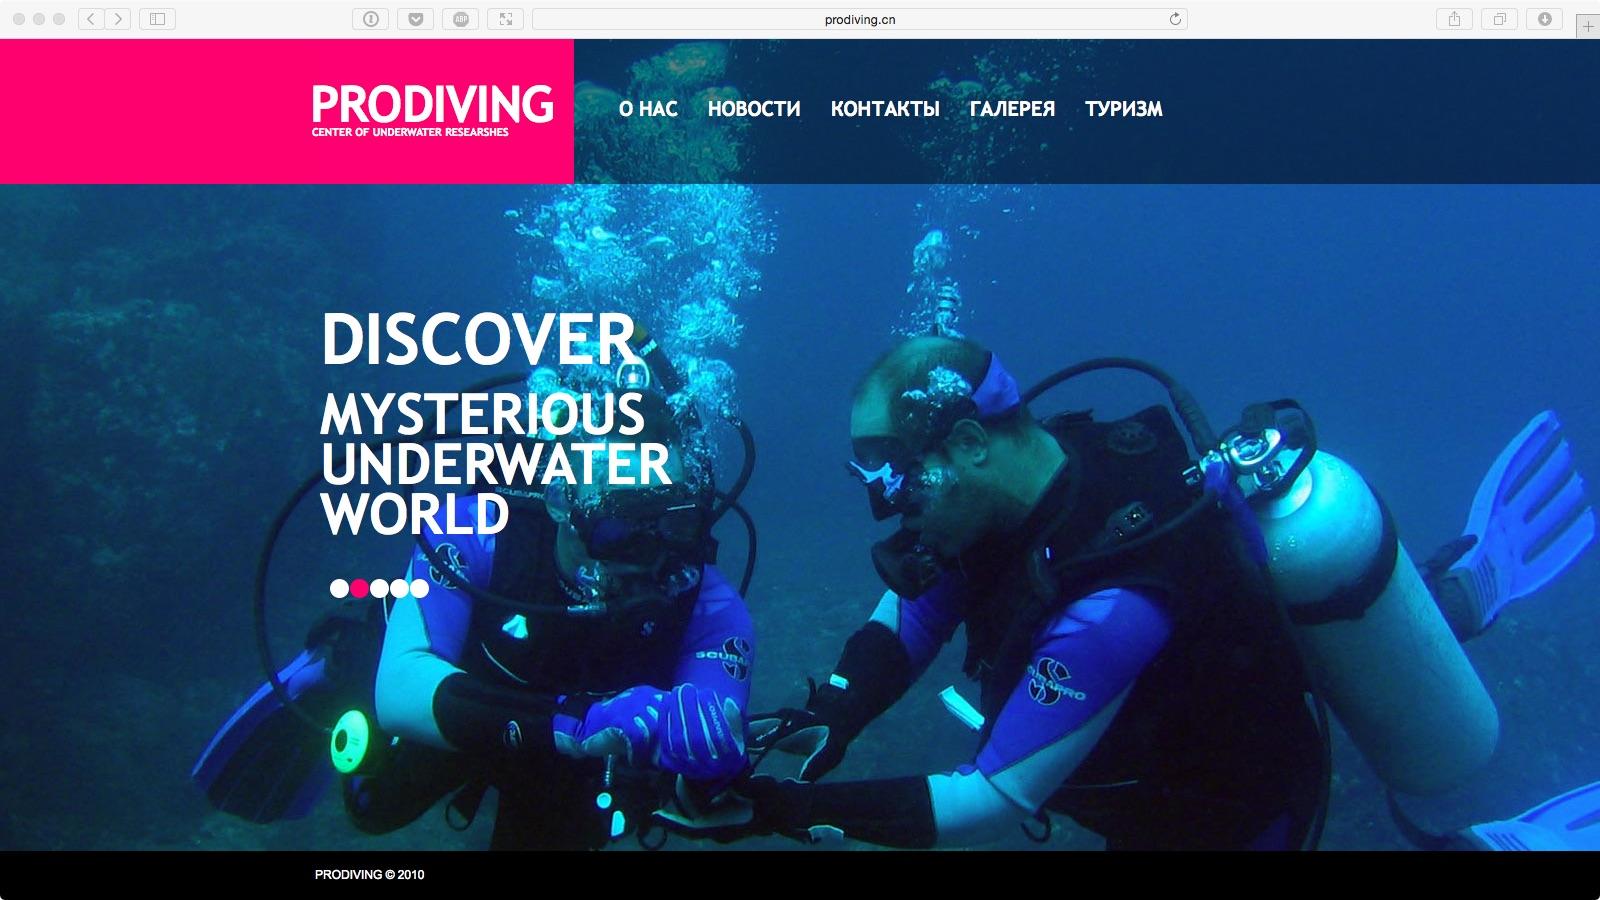 Центр подводных исследований: prodiving.cn